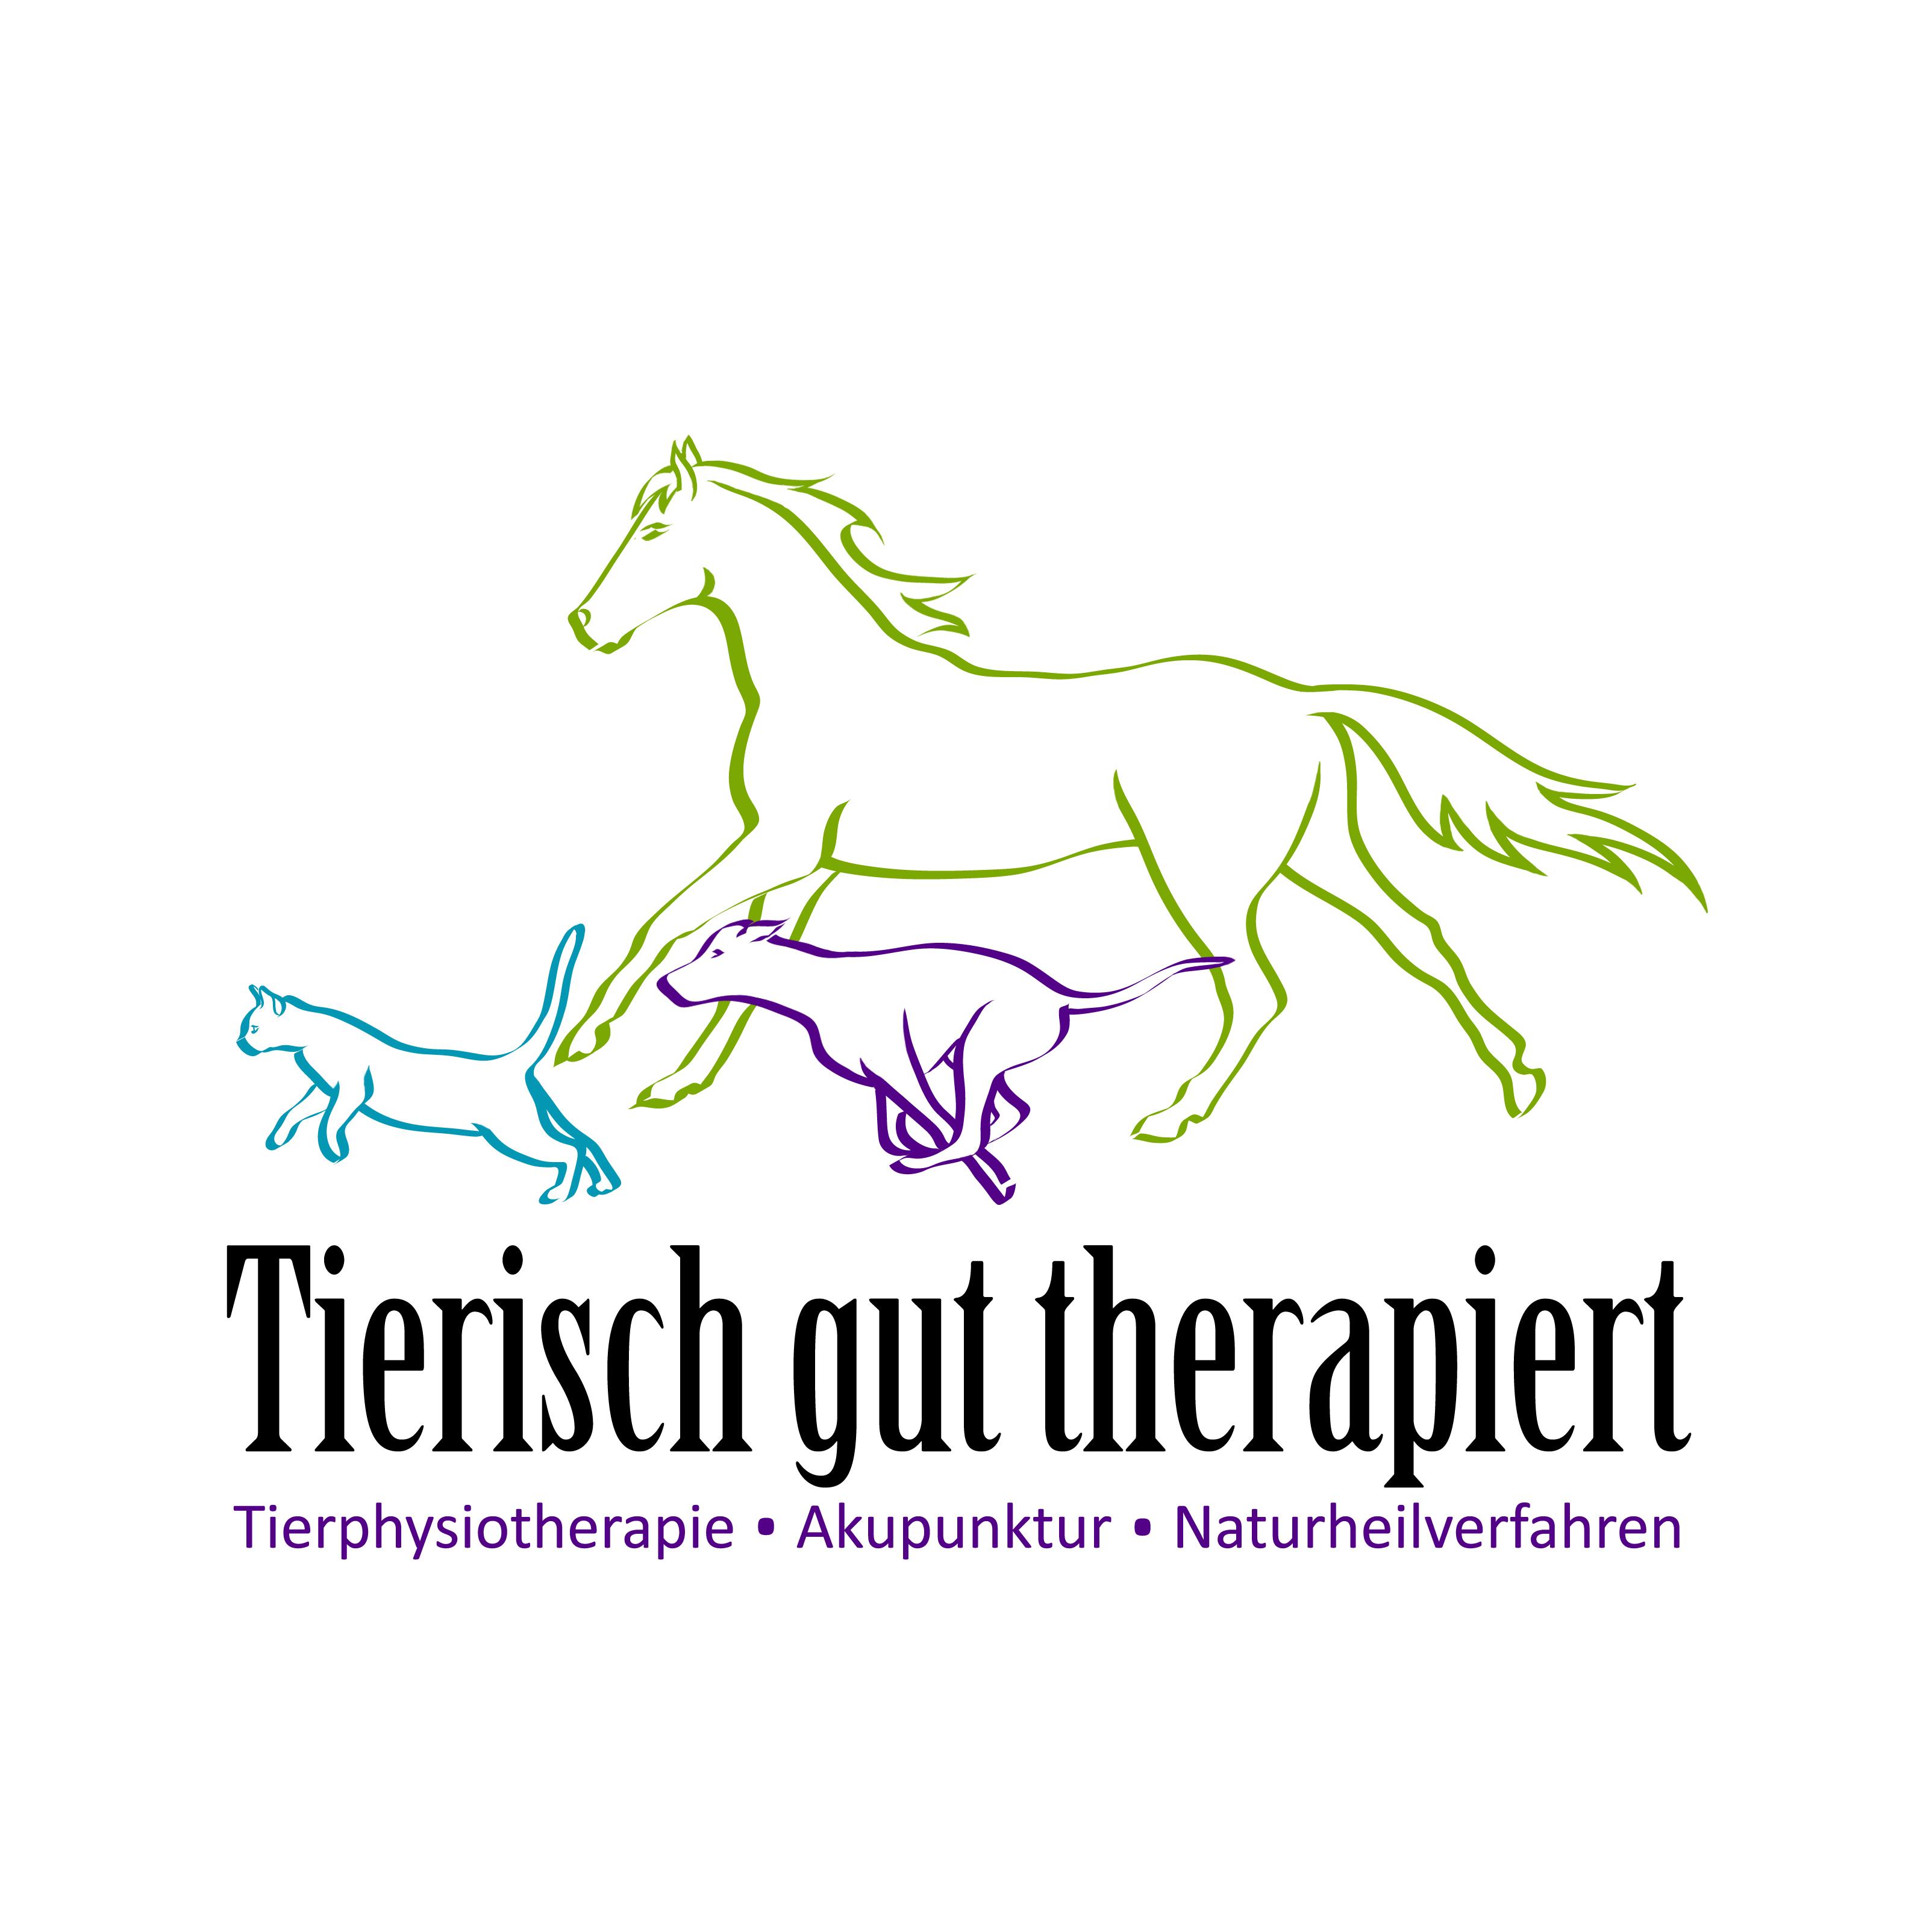 Tierisch gut therapiert